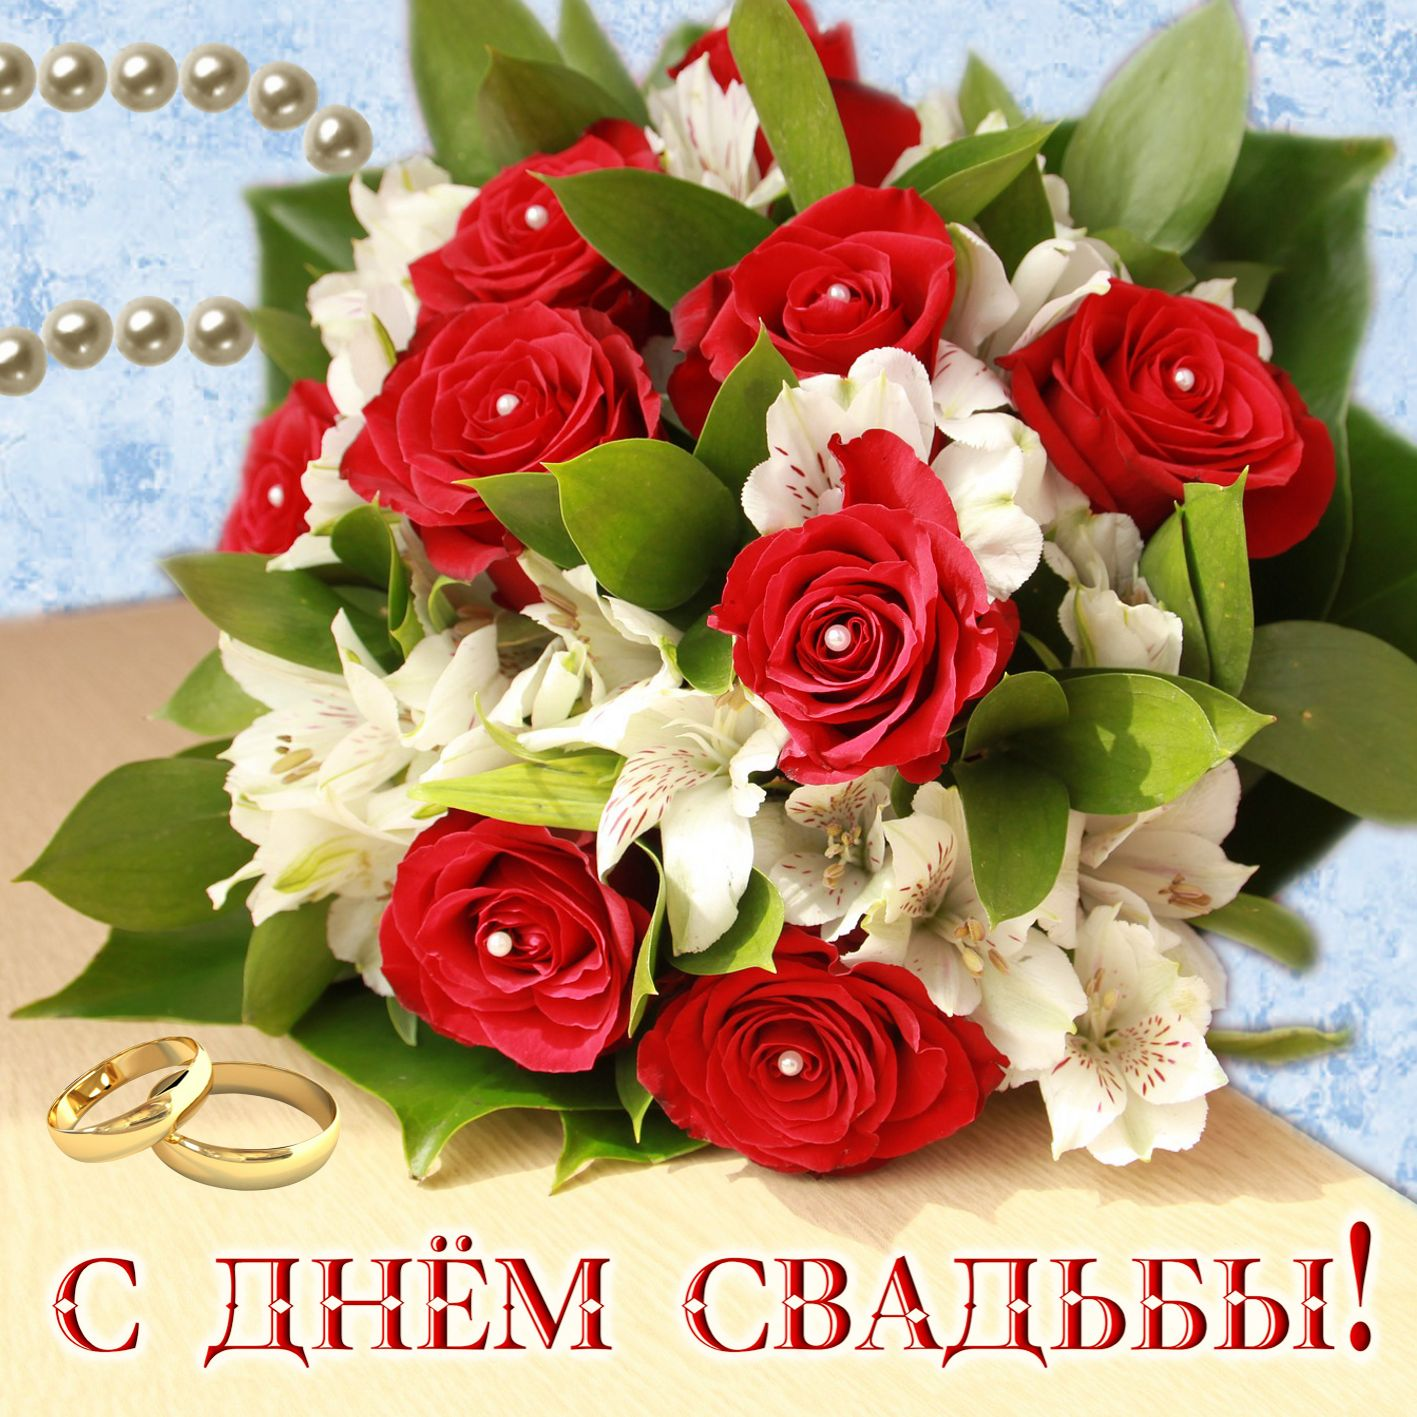 красивые цветы для поздравления с днем свадьбы щитаю